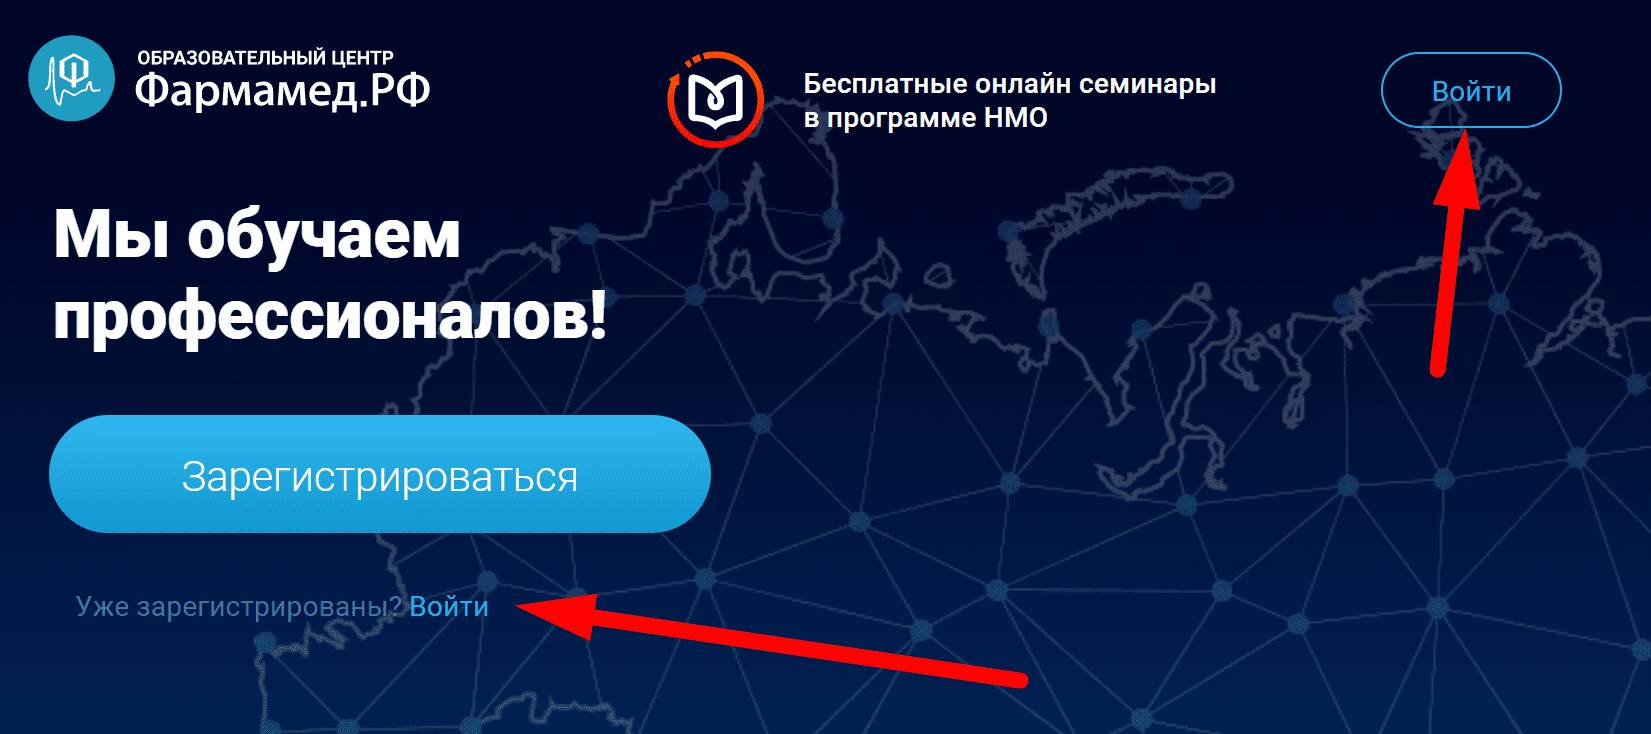 Ссылка на сайт образовательного центра «Фармамед.РФ»